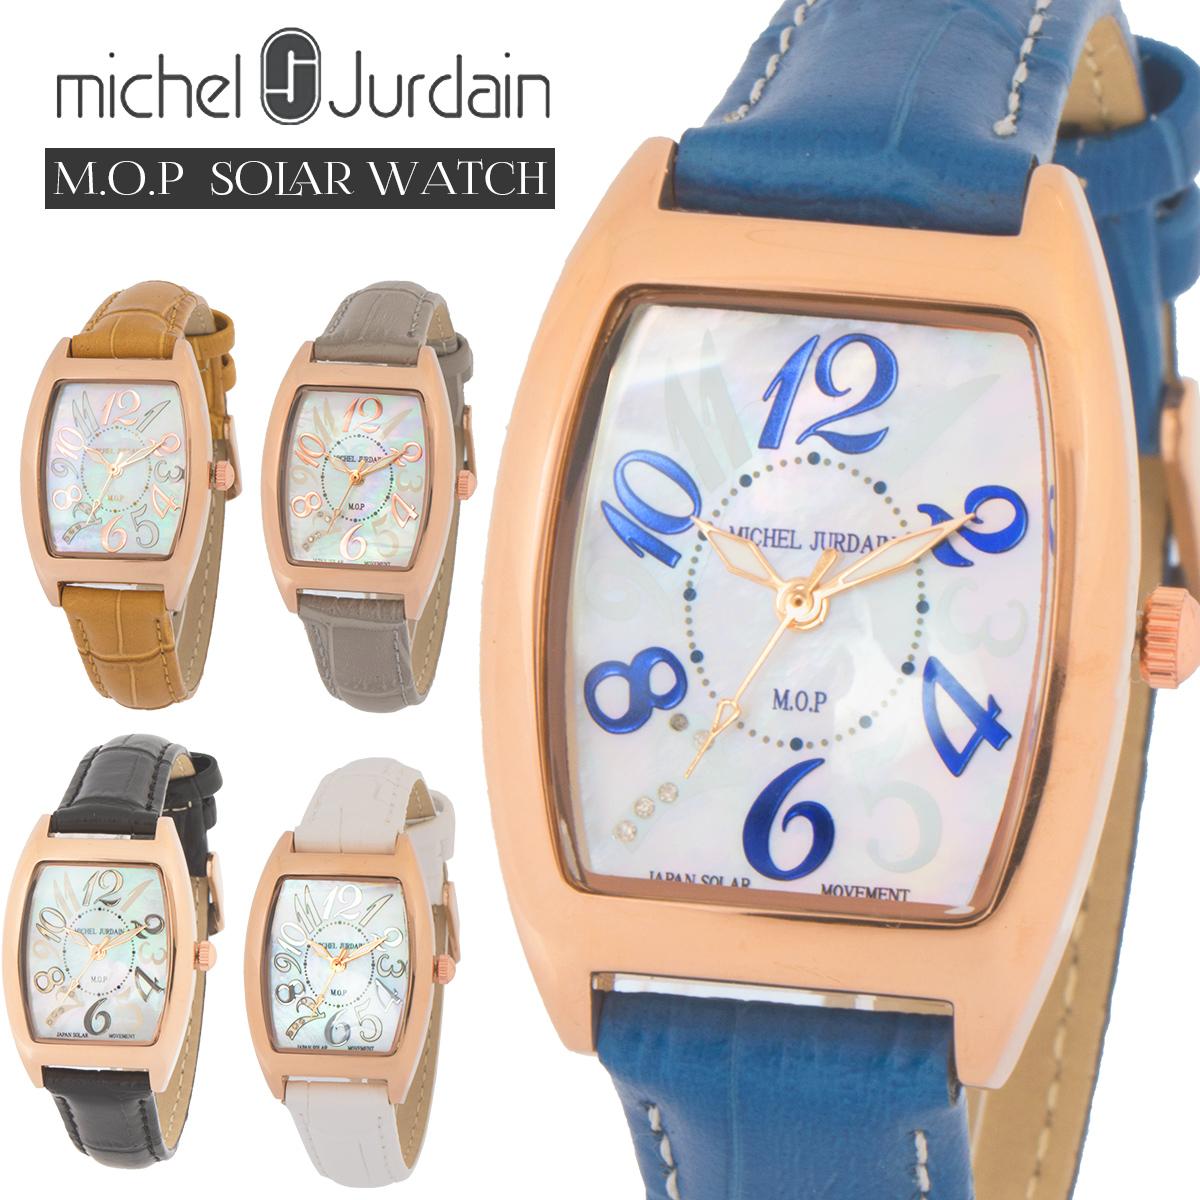 【全品送料無料】 レディース 腕時計 ソーラー ミッシェル・ジョルダン MICHEL JURDAIN トノー型ダイヤモンド SL-2100 時計